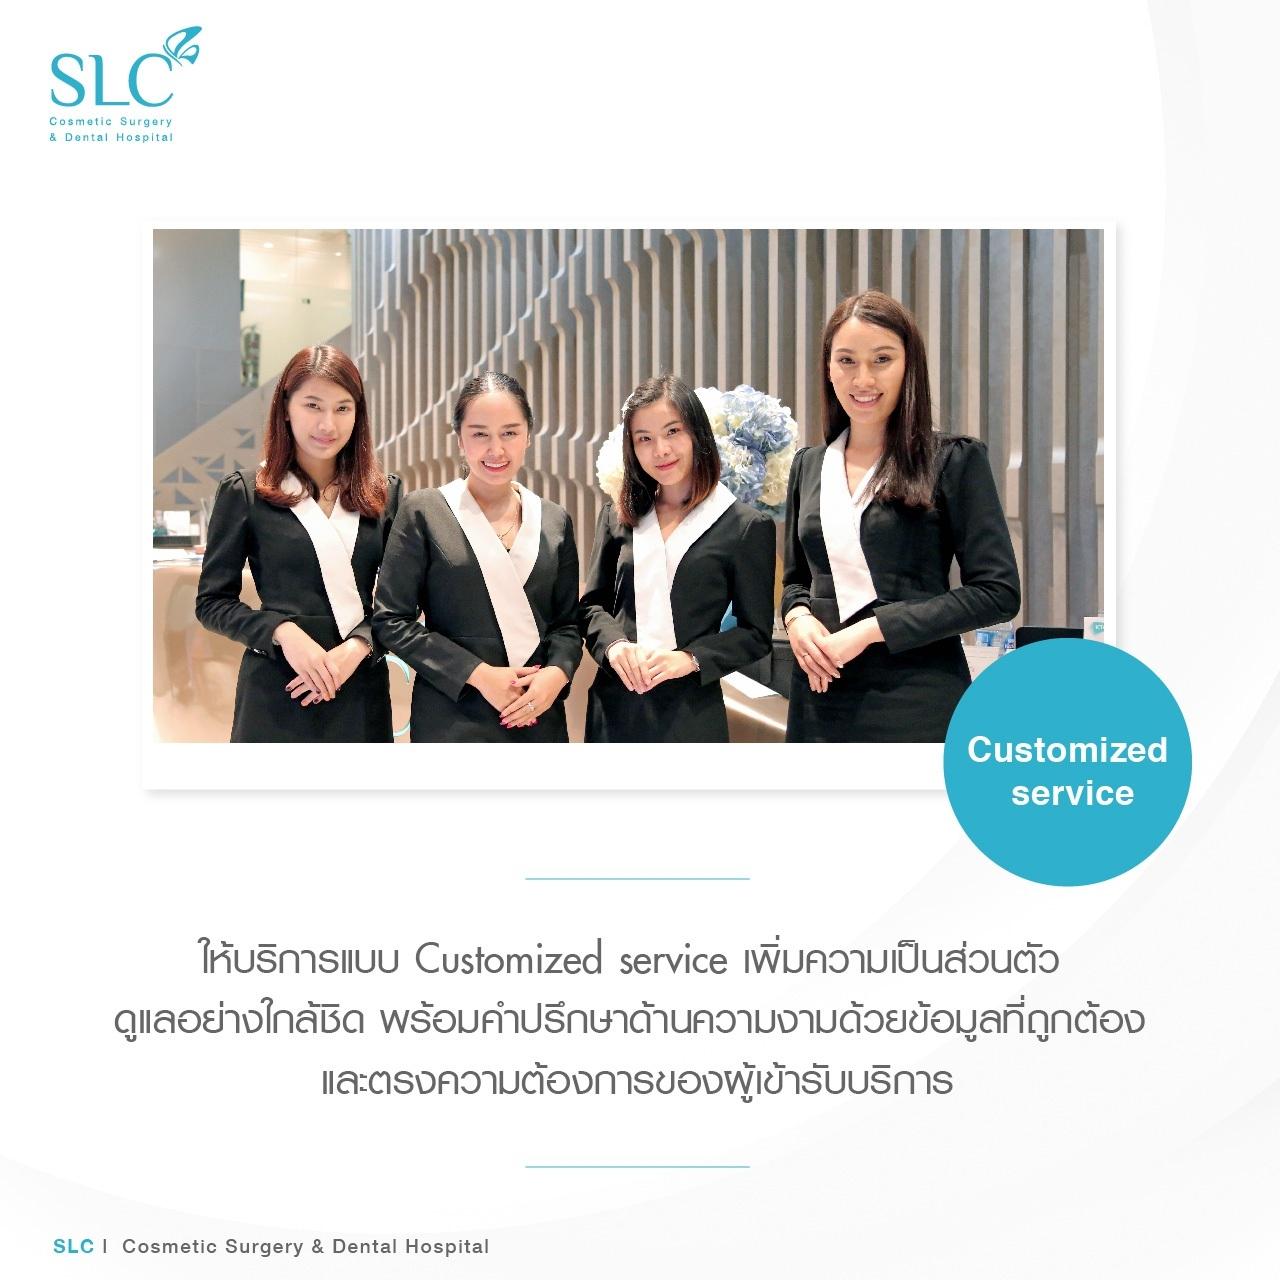 บริการ SLC